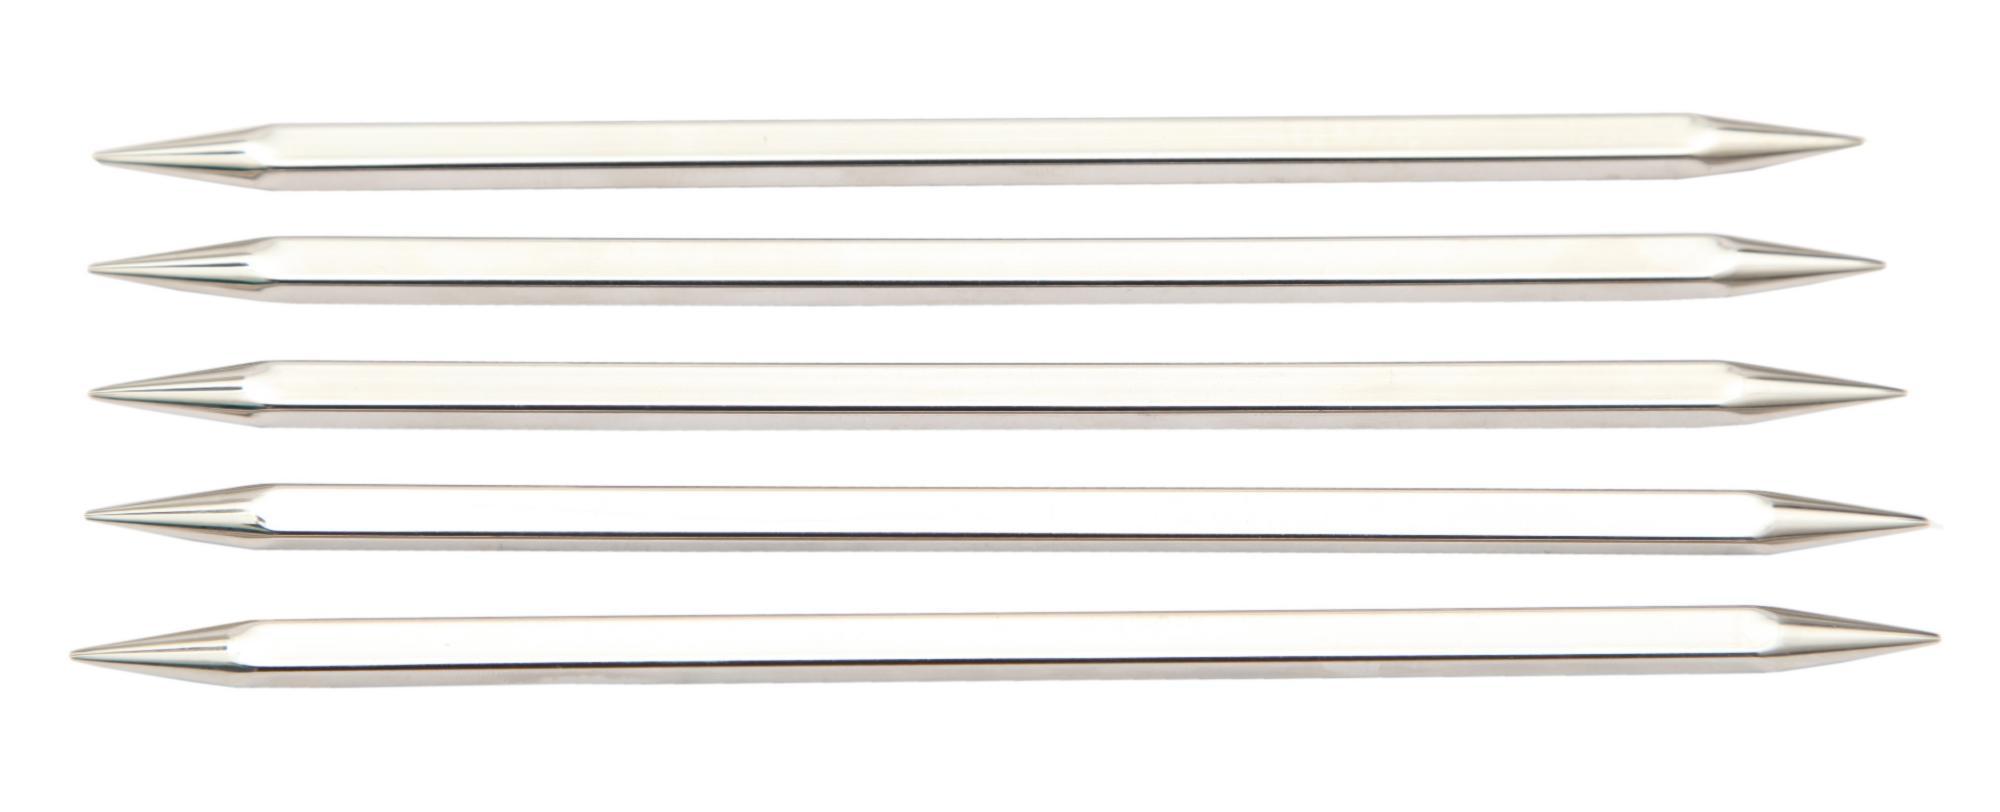 Спицы носочные 20 см Nova Cubics KnitPro, 12127, 3.50 мм